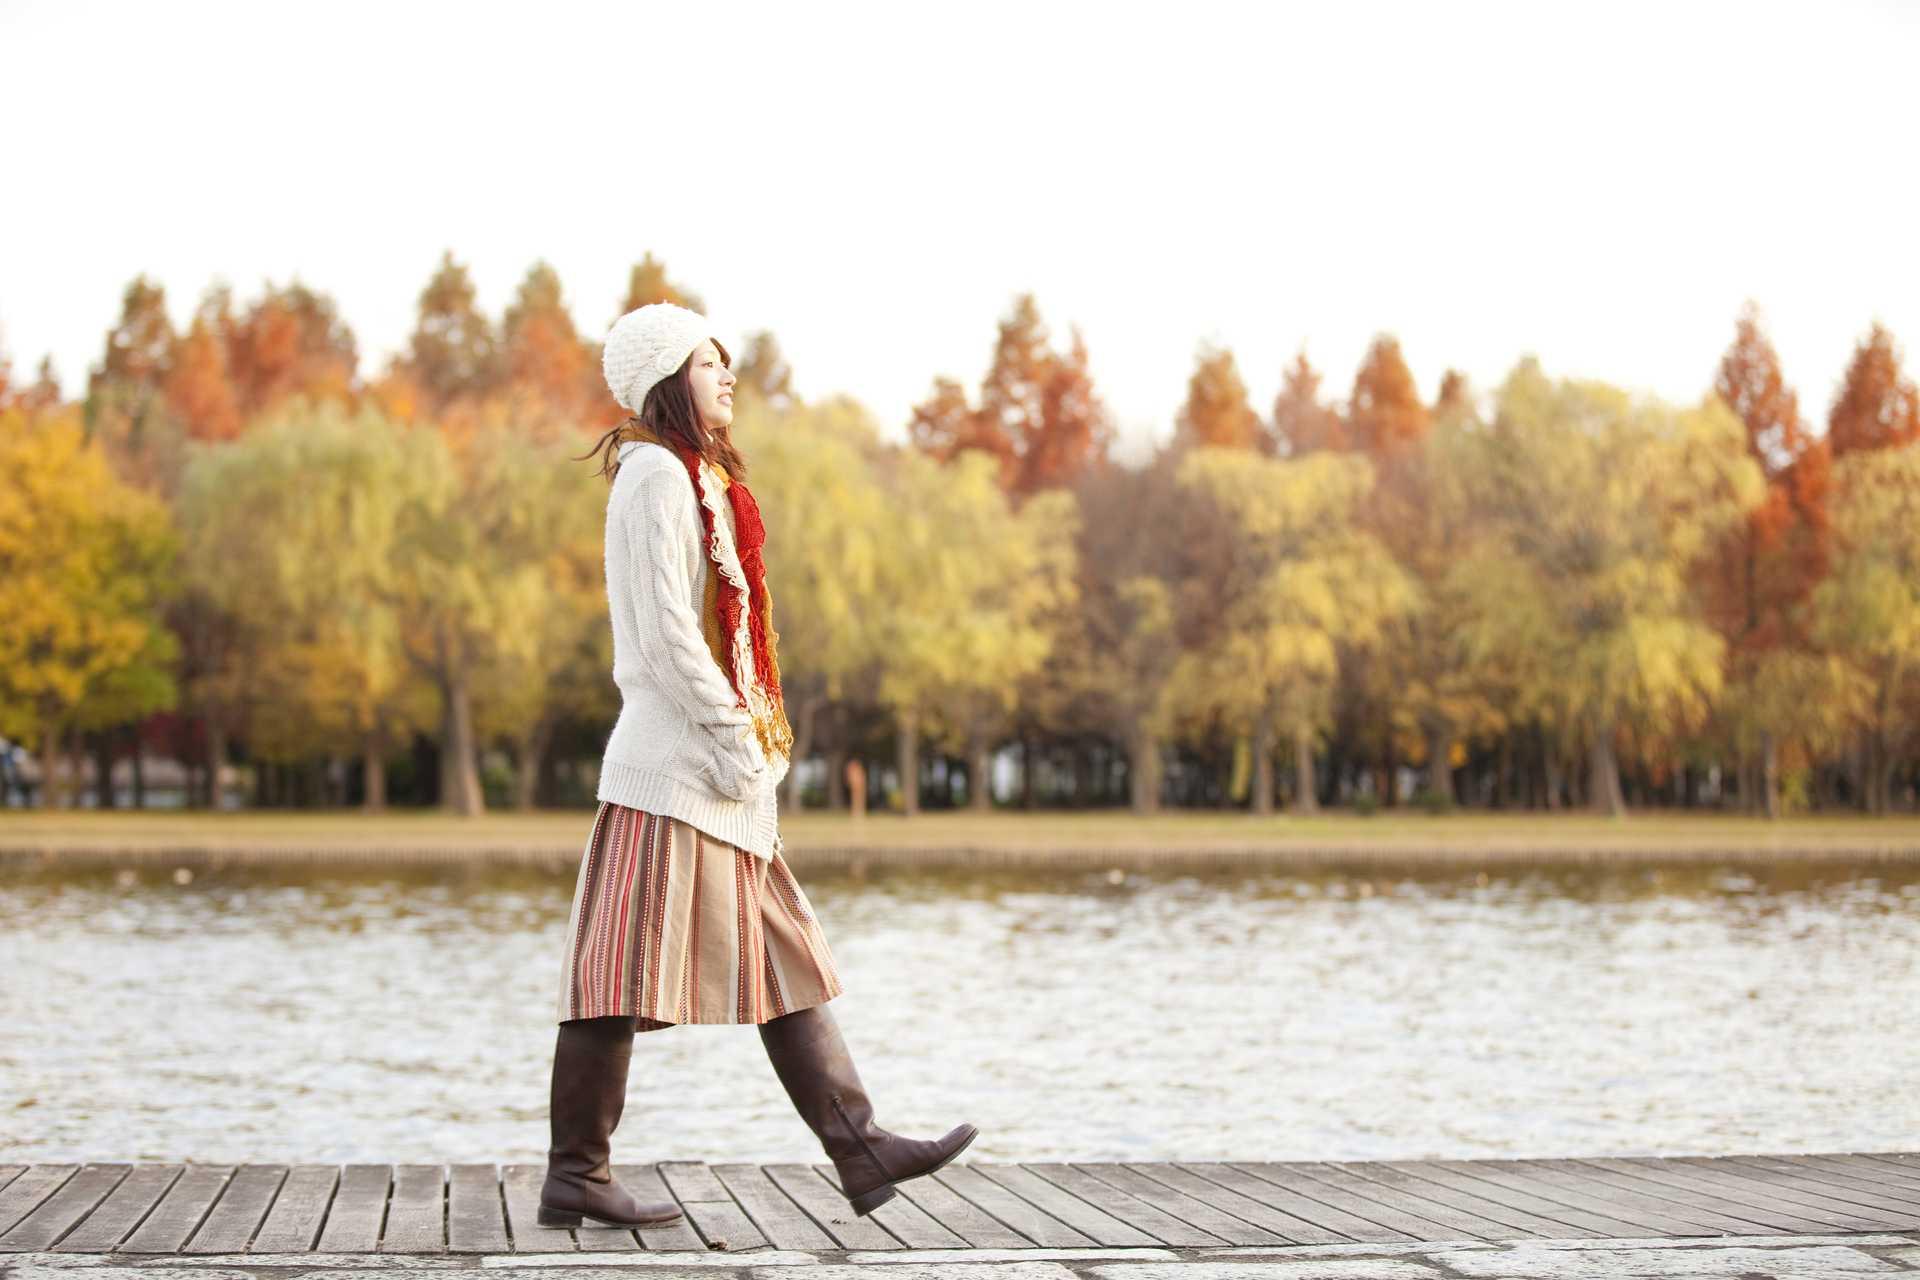 散歩を習慣にしていれば、元気とやる気は自然に出る。 | 運がいい人の30の習慣